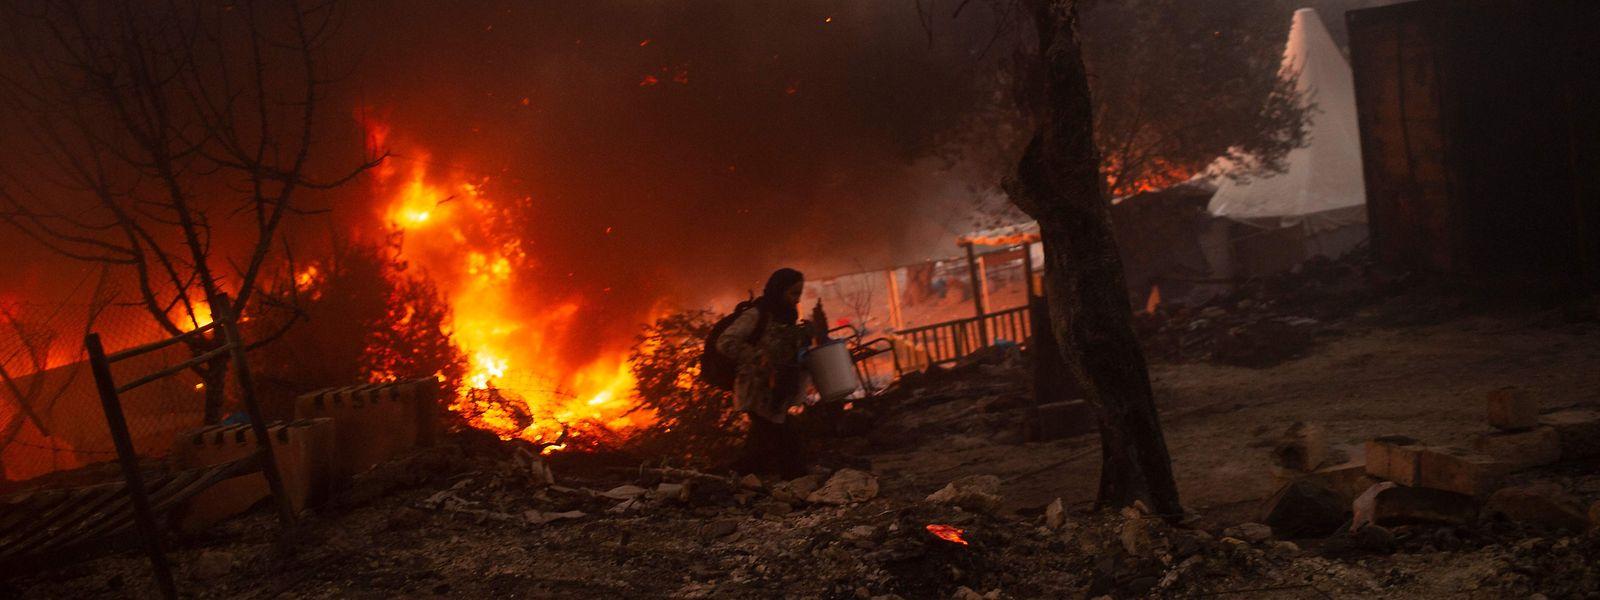 Bei dem Brand im September 2020 war das Lager fast vollständig zerstört worden.